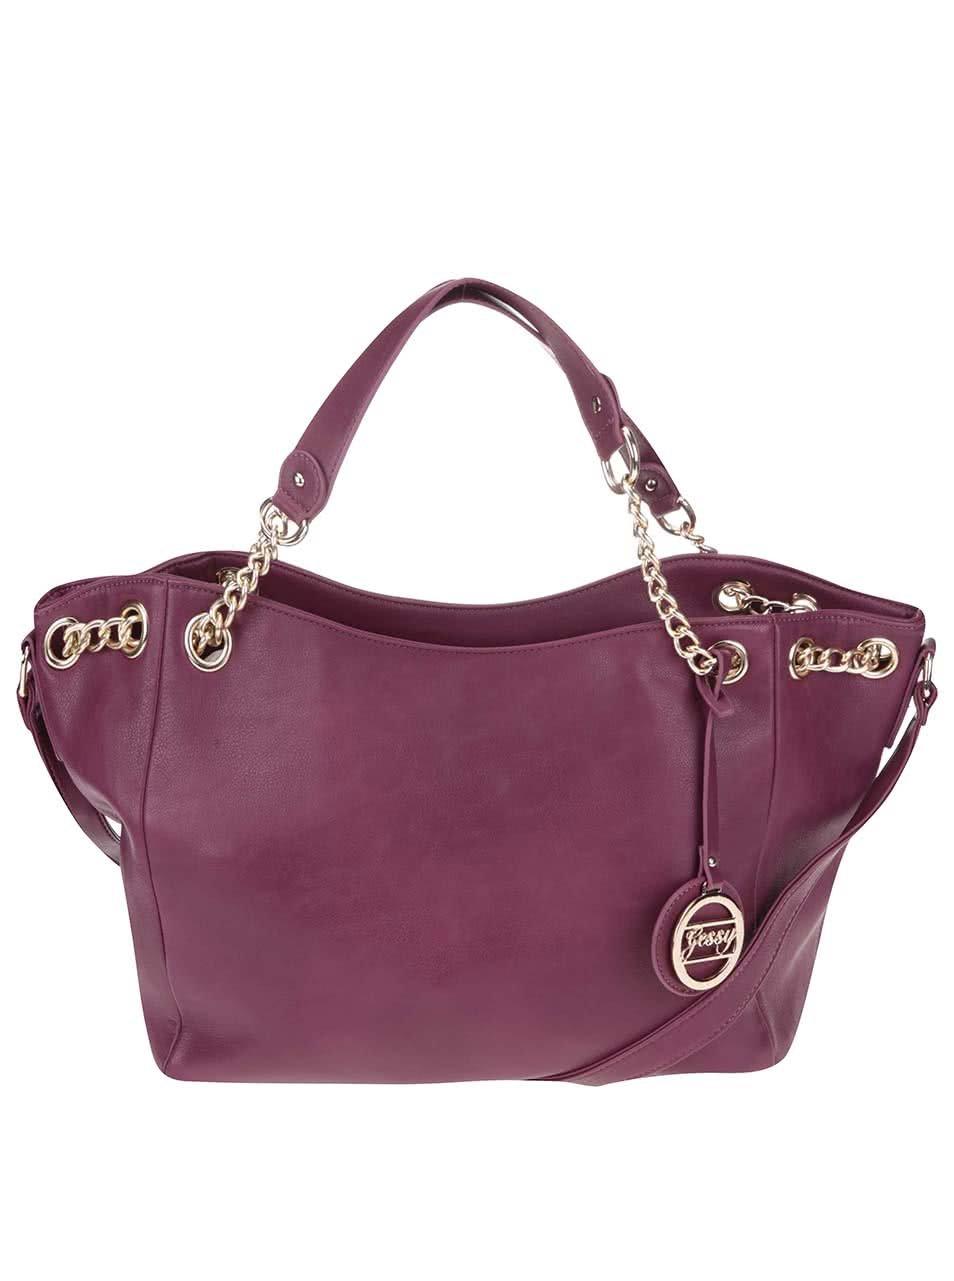 Ružovo-fialová väčšia kabelka s ozdobným príveskom Gessy ... 6381a2ce8f5